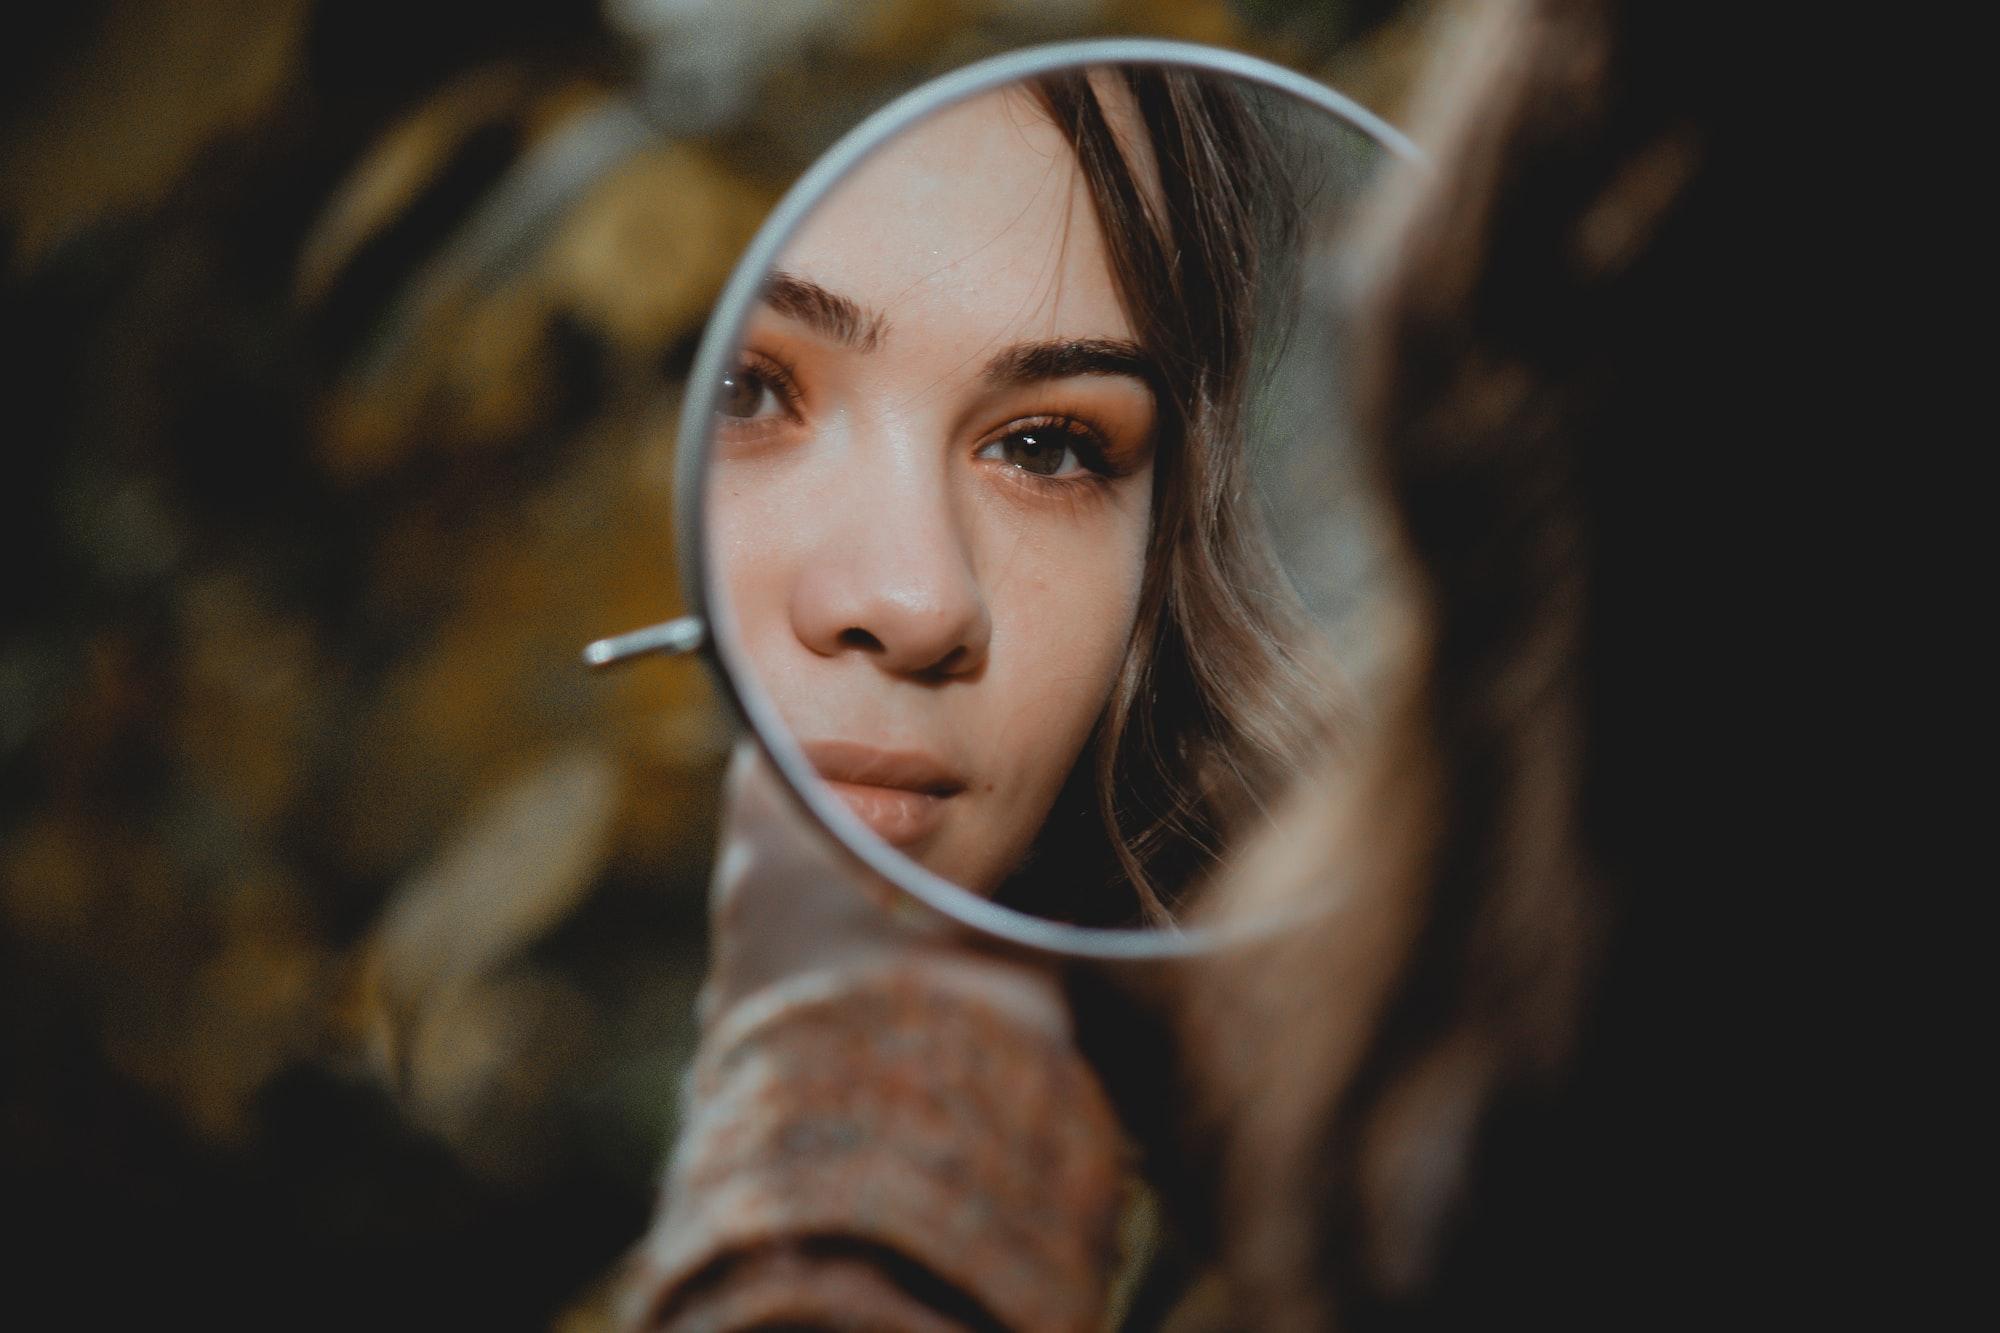 Autoconeixement | Reconeix el teu valor, coneix-te a tu mateixa.